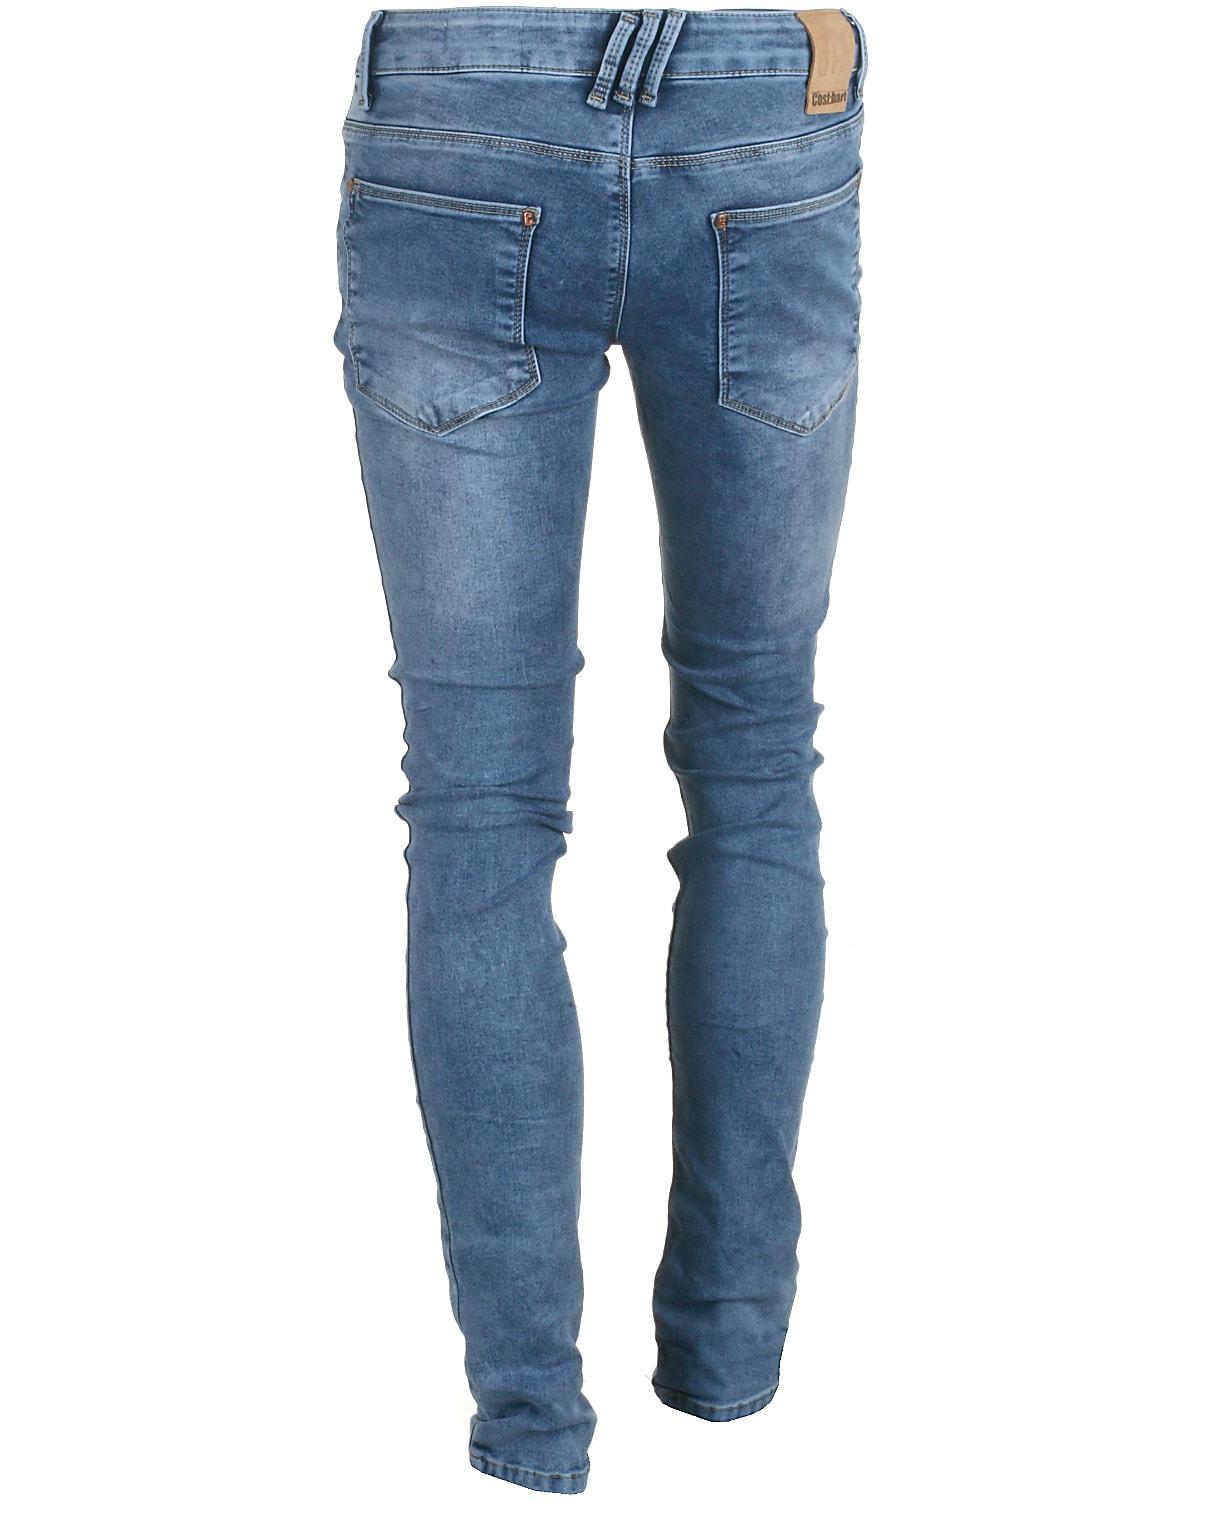 96c527c552c Cost:bart jeans, denim, Bowie